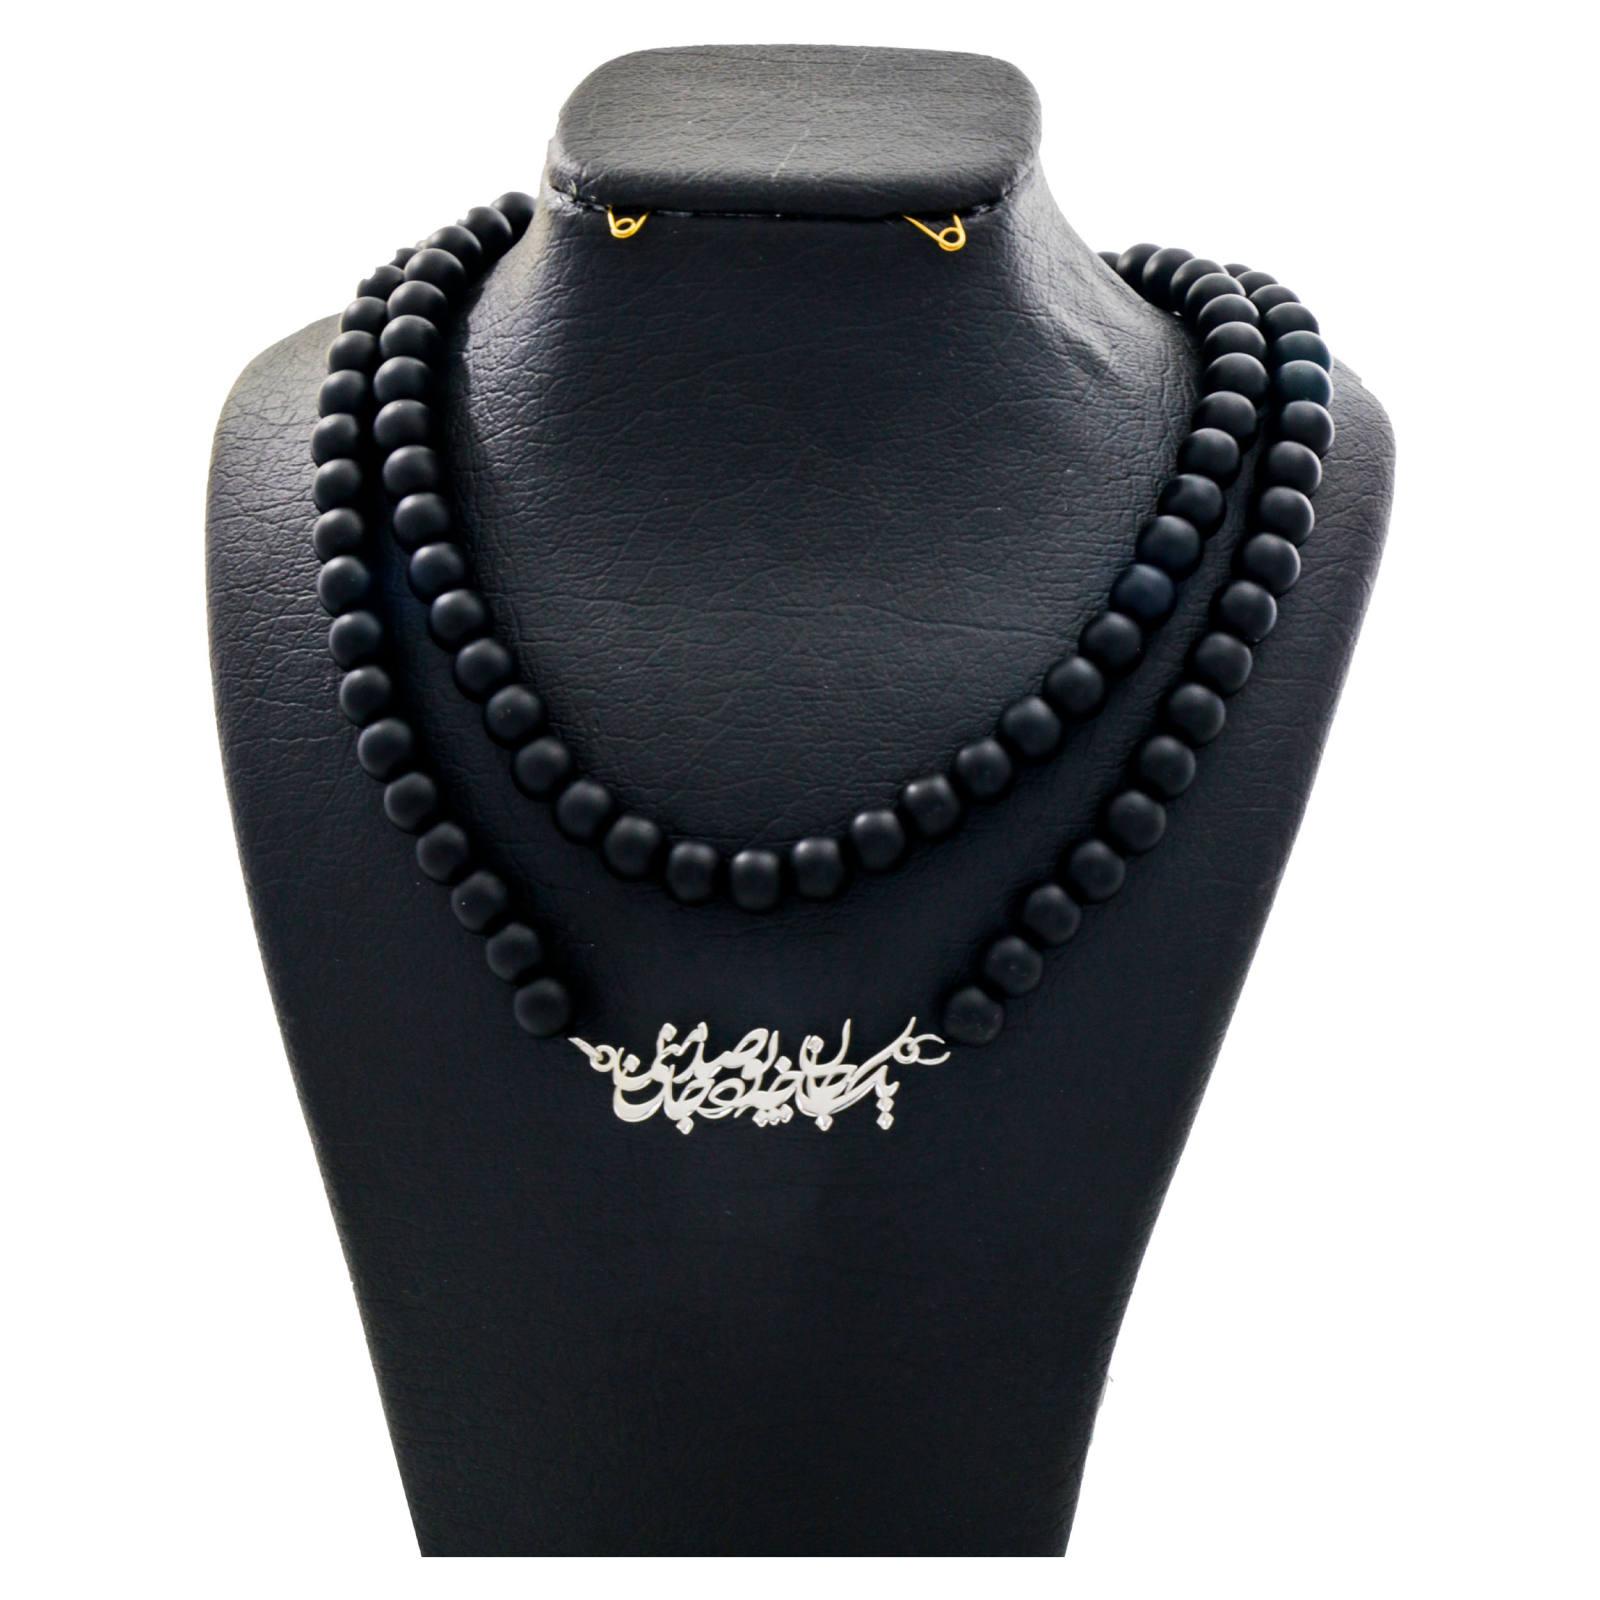 گردنبند نقره زنانه دلی جم طرح  یک جان چه بود صد جان منی کد D 83 -  - 2